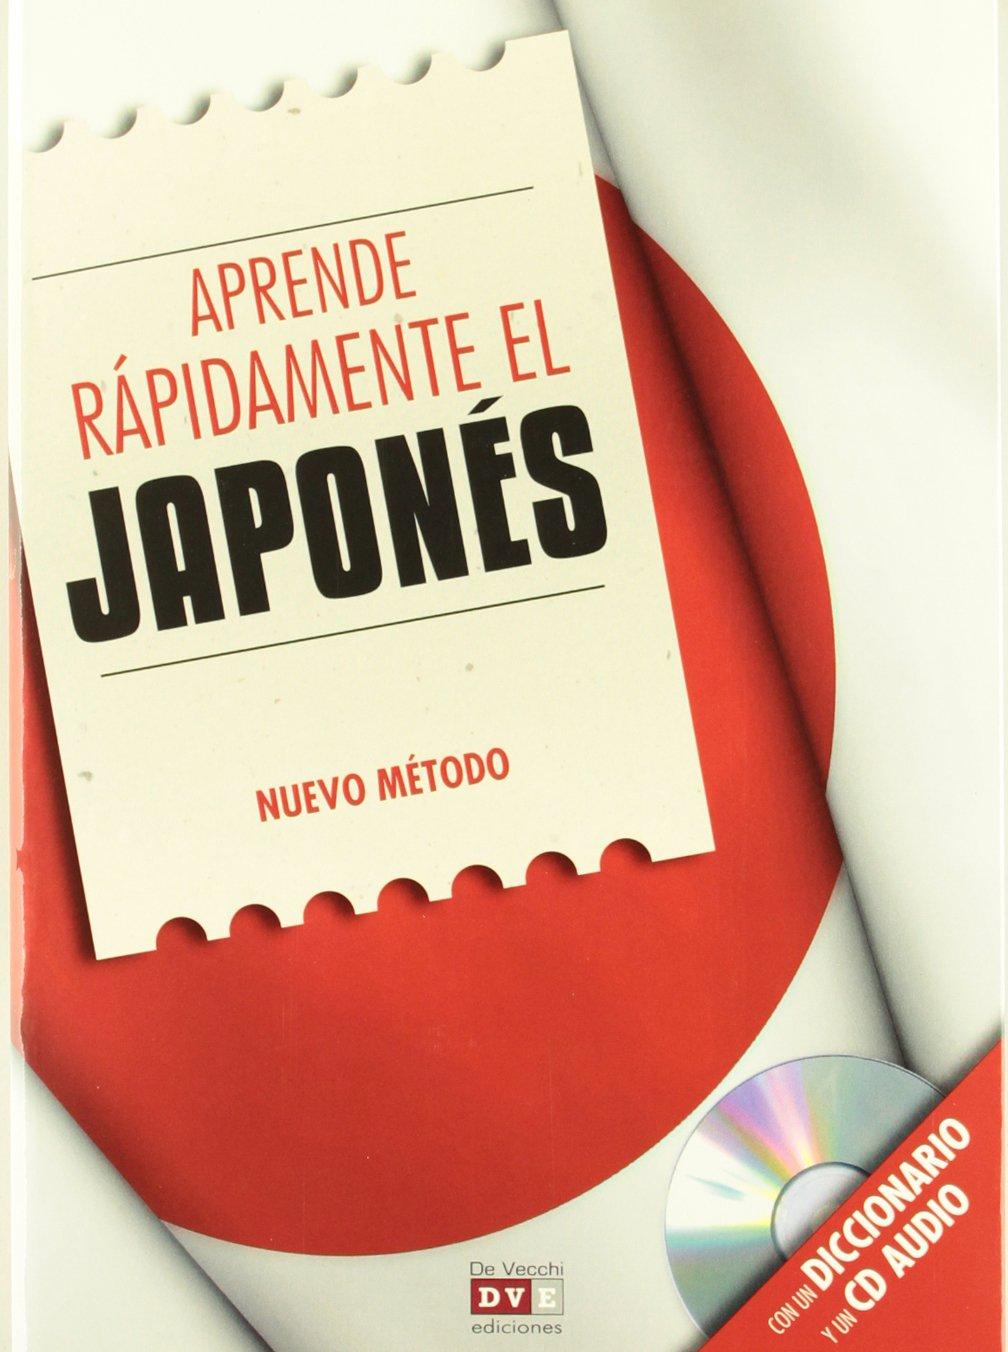 Download aprende japones cd PDF